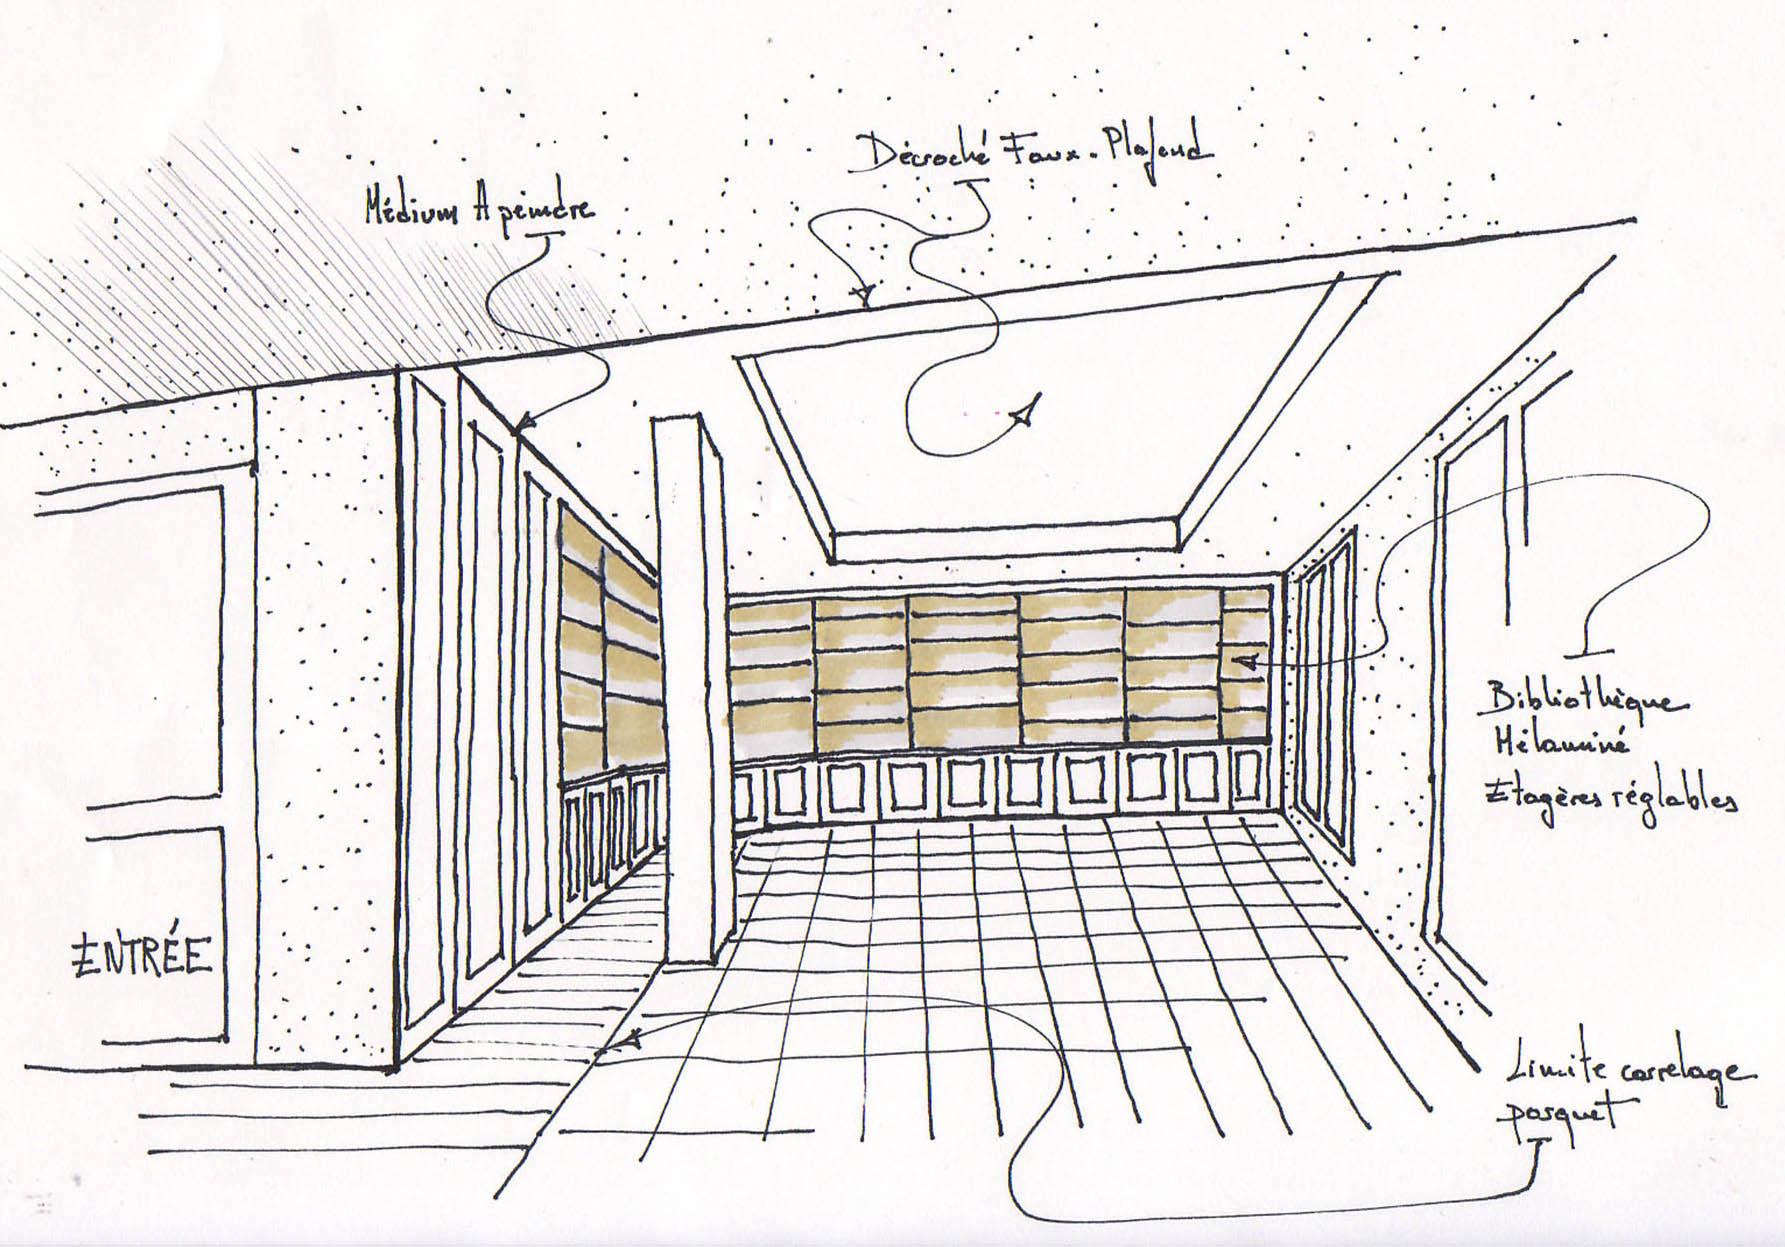 #897442 Architecte Marseille Aménagement D'un Appartement 2899 plan architecture suite parentale 1785x1247 px @ aertt.com